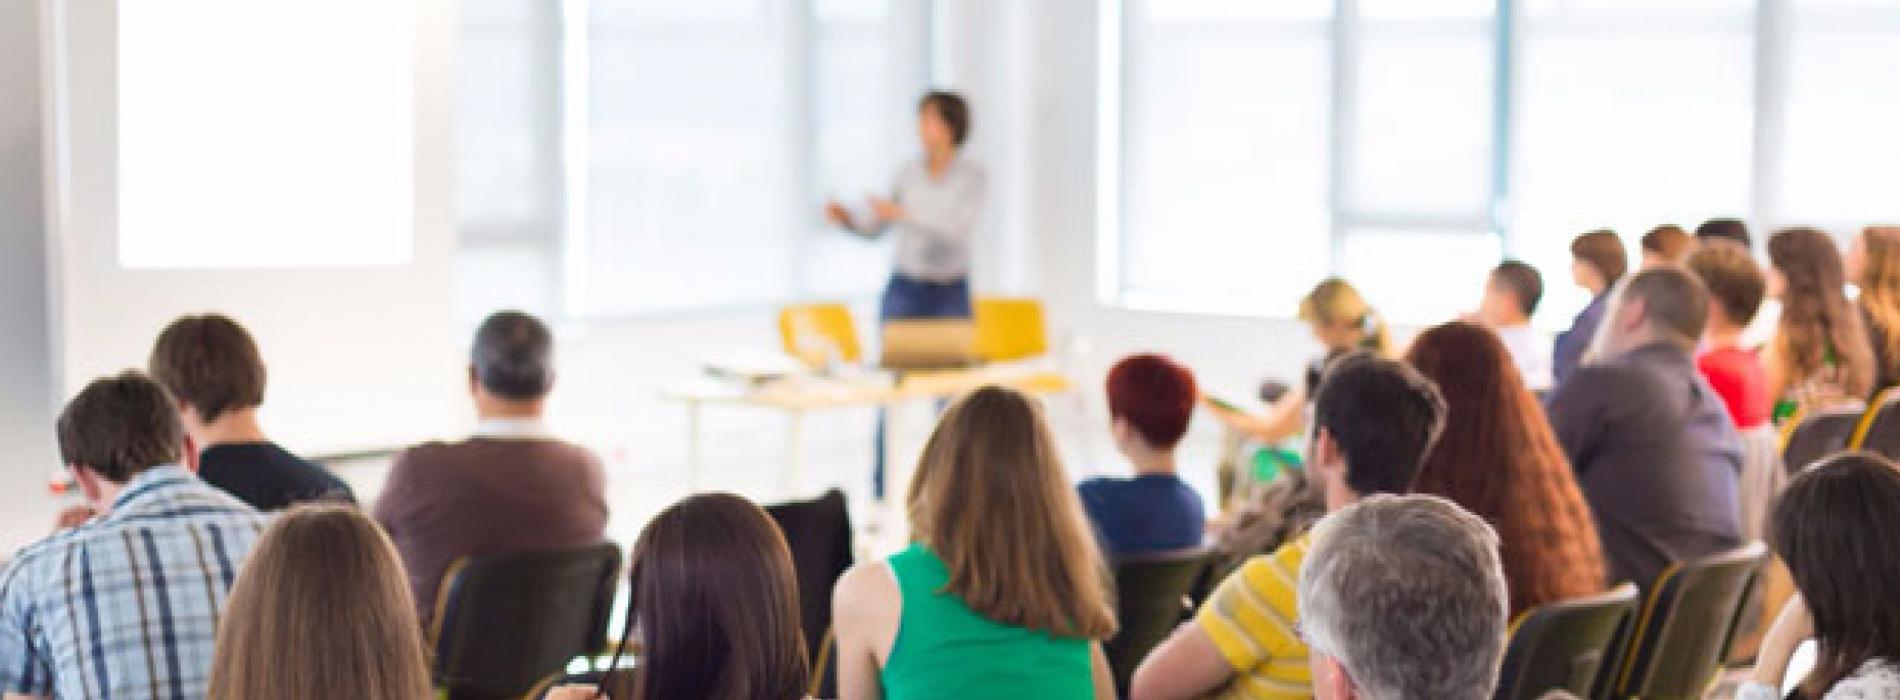 Mediátor/Közvetítői képzés a Család, Gyermek, Ifjúság Közhasznú Egyesület szervezésében